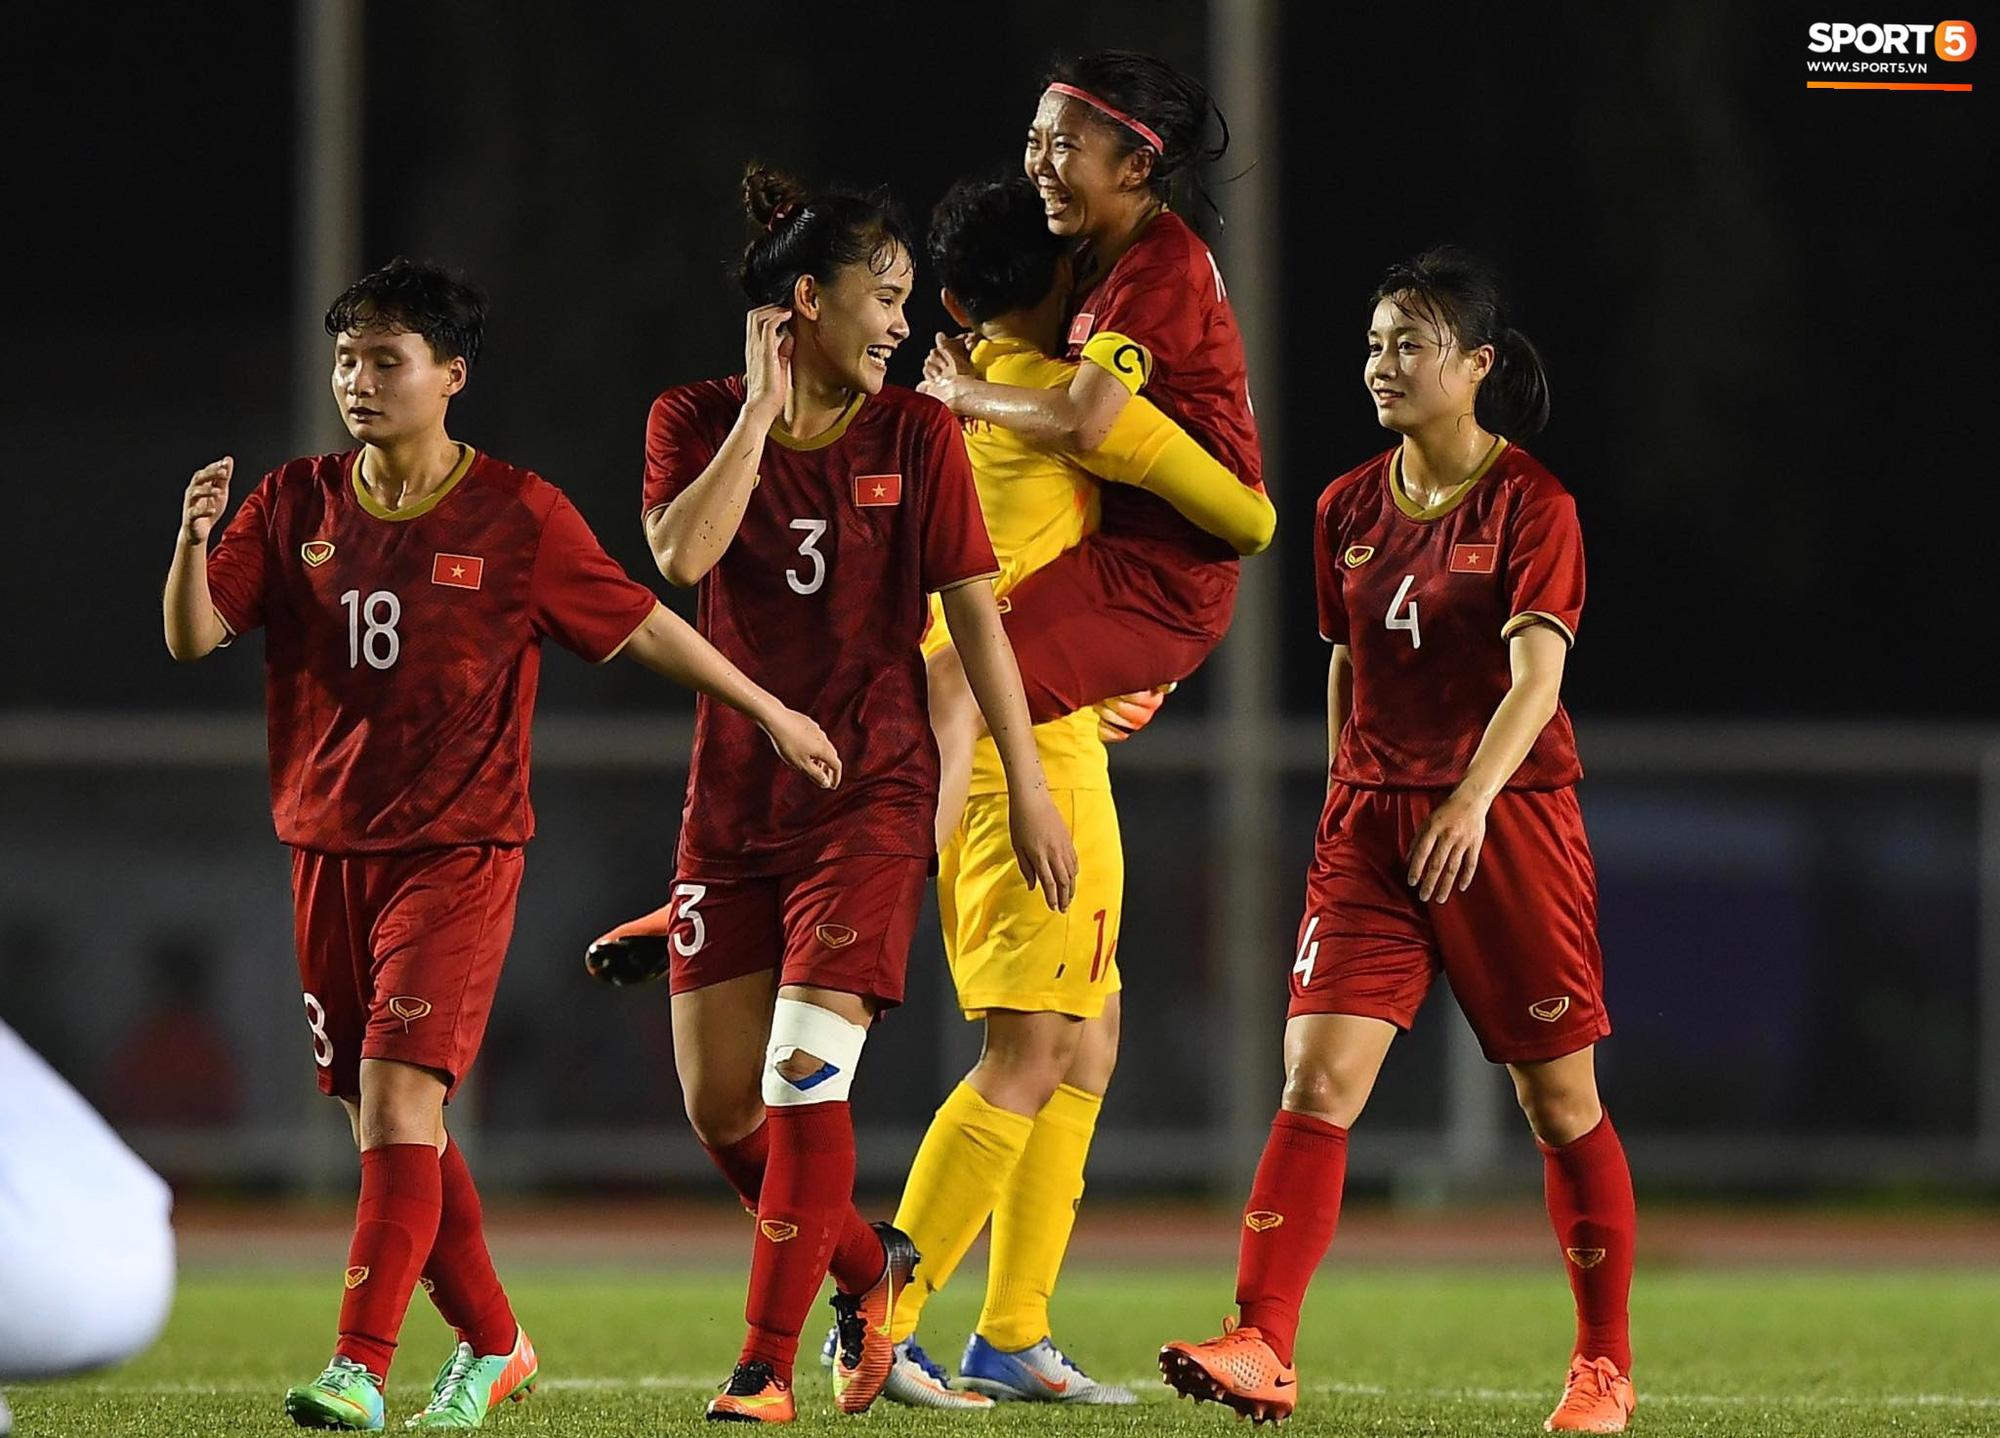 Đội trưởng tuyển nữ Việt Nam đổ gục xuống sân vì kiệt sức sau khi cùng đồng đội giành quyền vào chung kết SEA Games 30 - Ảnh 5.